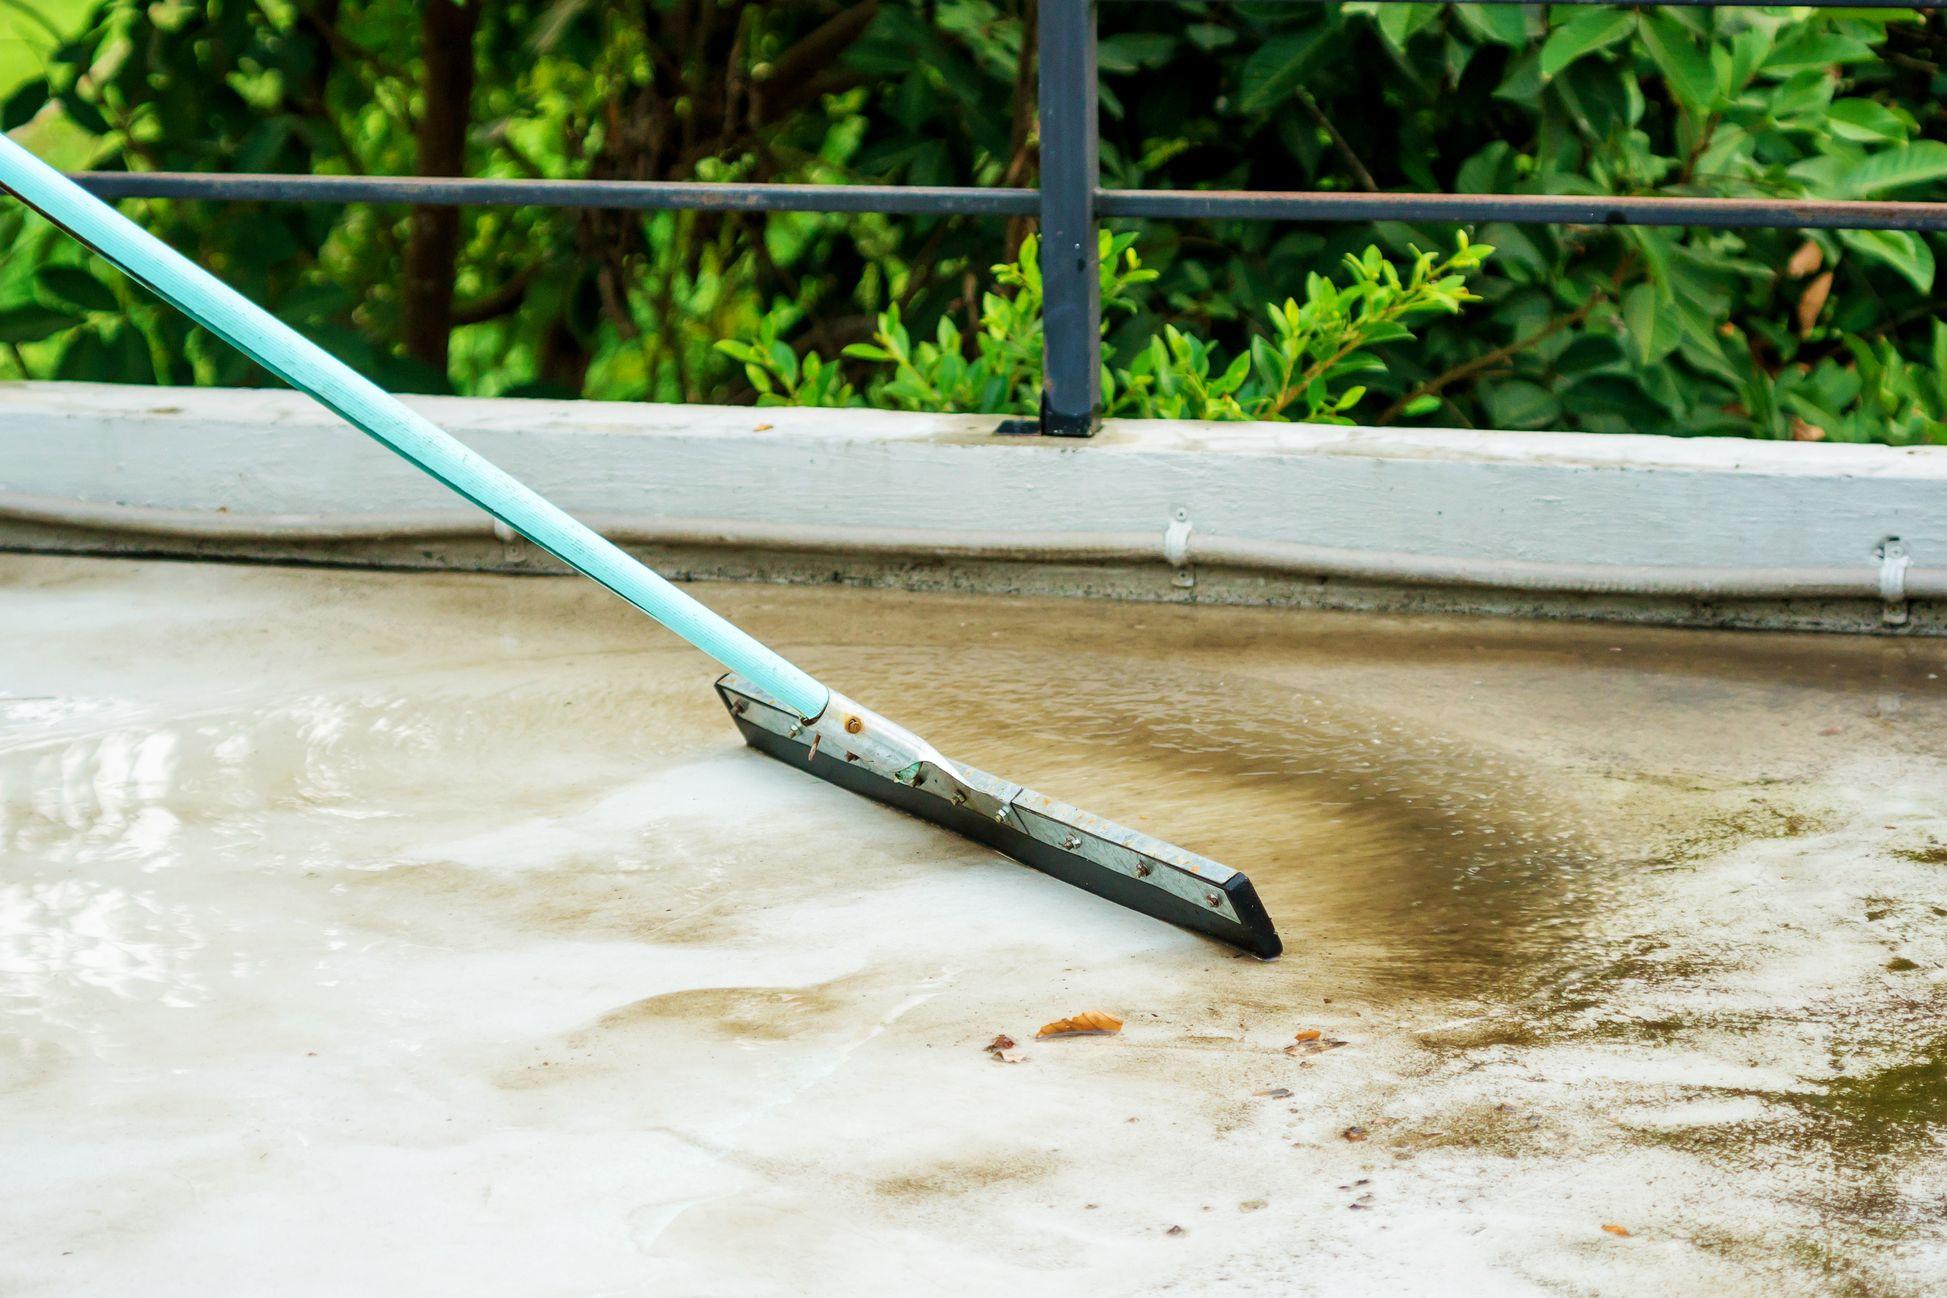 Pode ou não lavar varandas com derrame de água para a via pública?